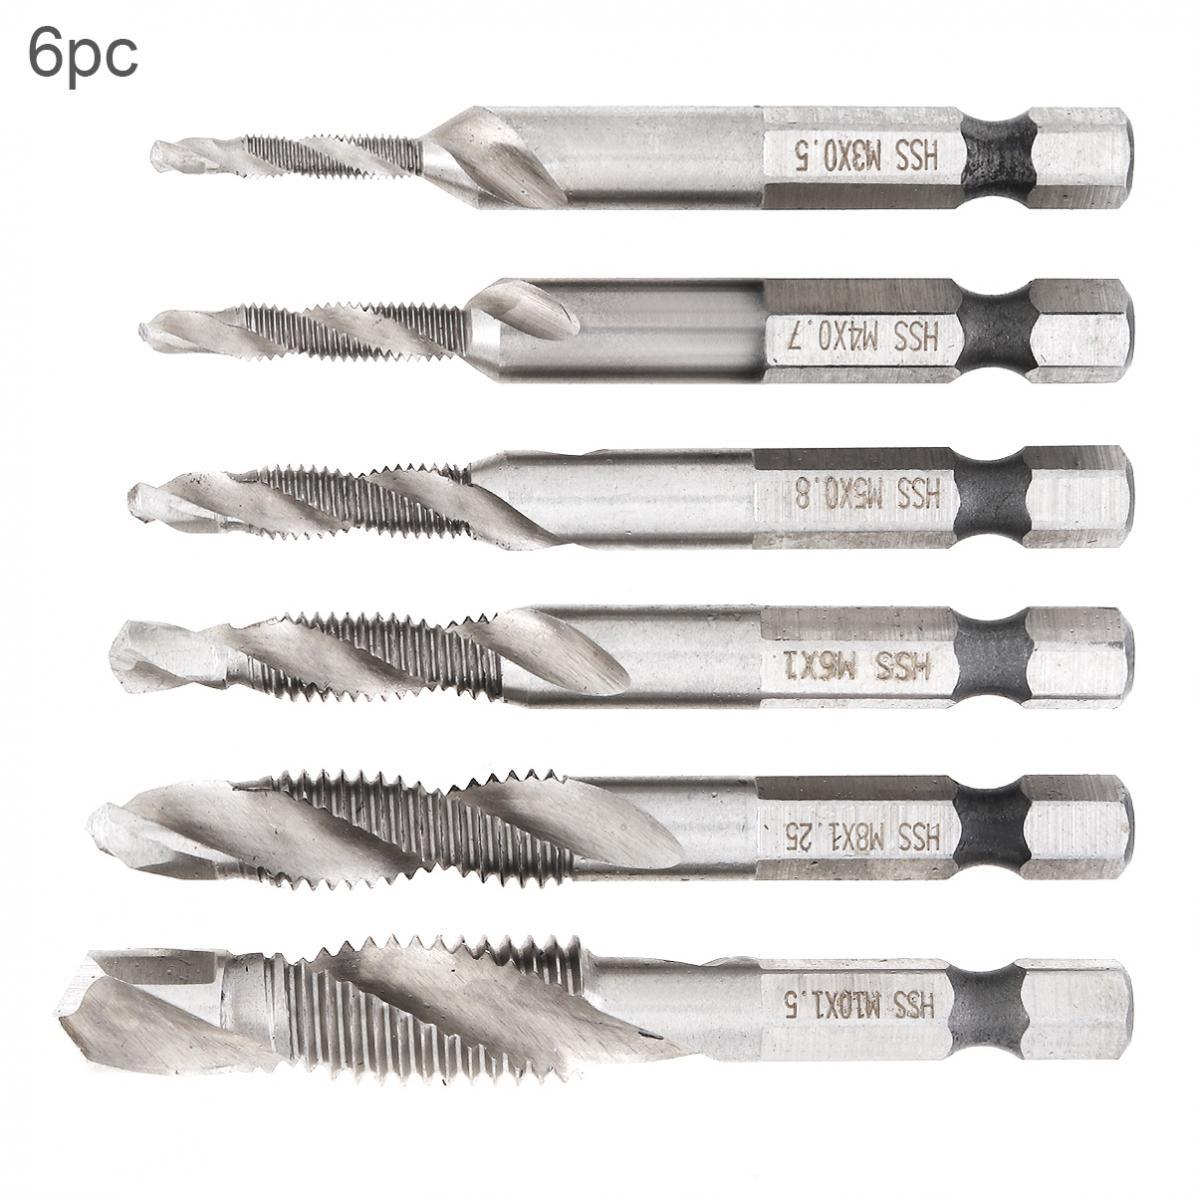 6pcs/lot Drill Bit Hex Shank HSS Screw Drill Bits Set Screw Point Metric Thread Male Drill